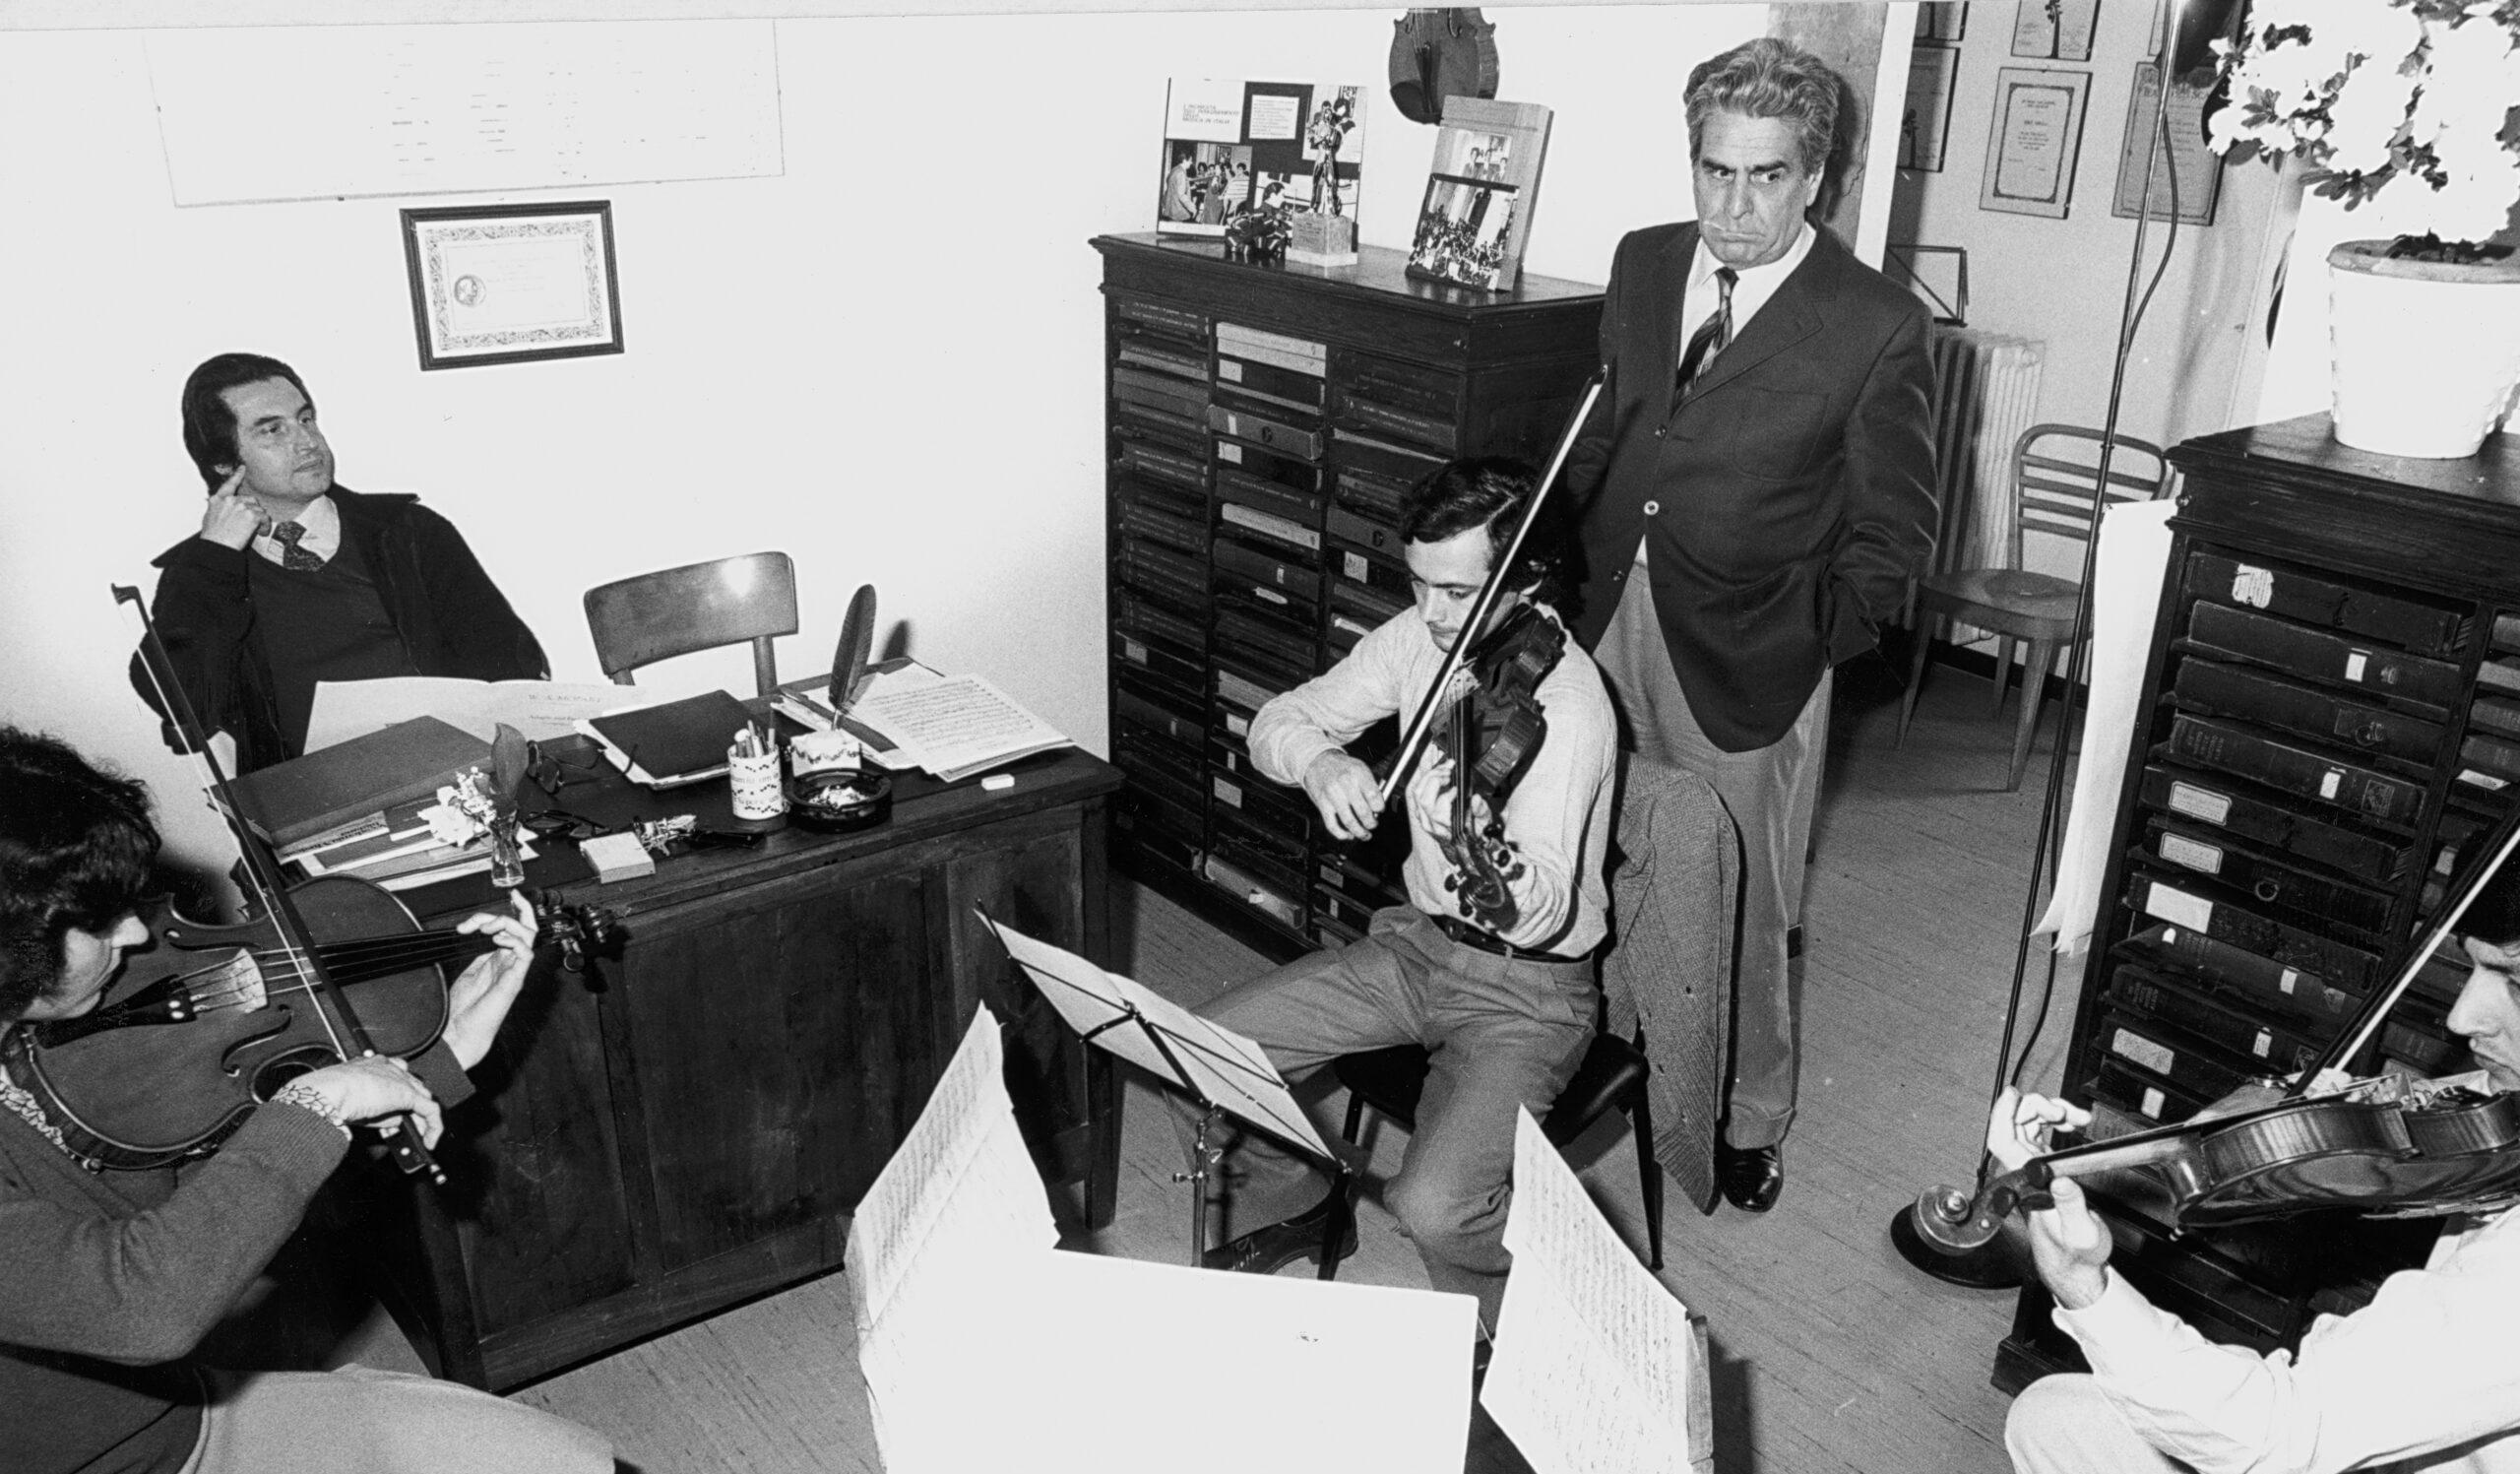 Accardo e Muti al grande convegno online che chiude l'anno dedicato a Piero Farulli: scienziati e musicisti a confronto. Con un appello al Governo: più musica nelle scuole